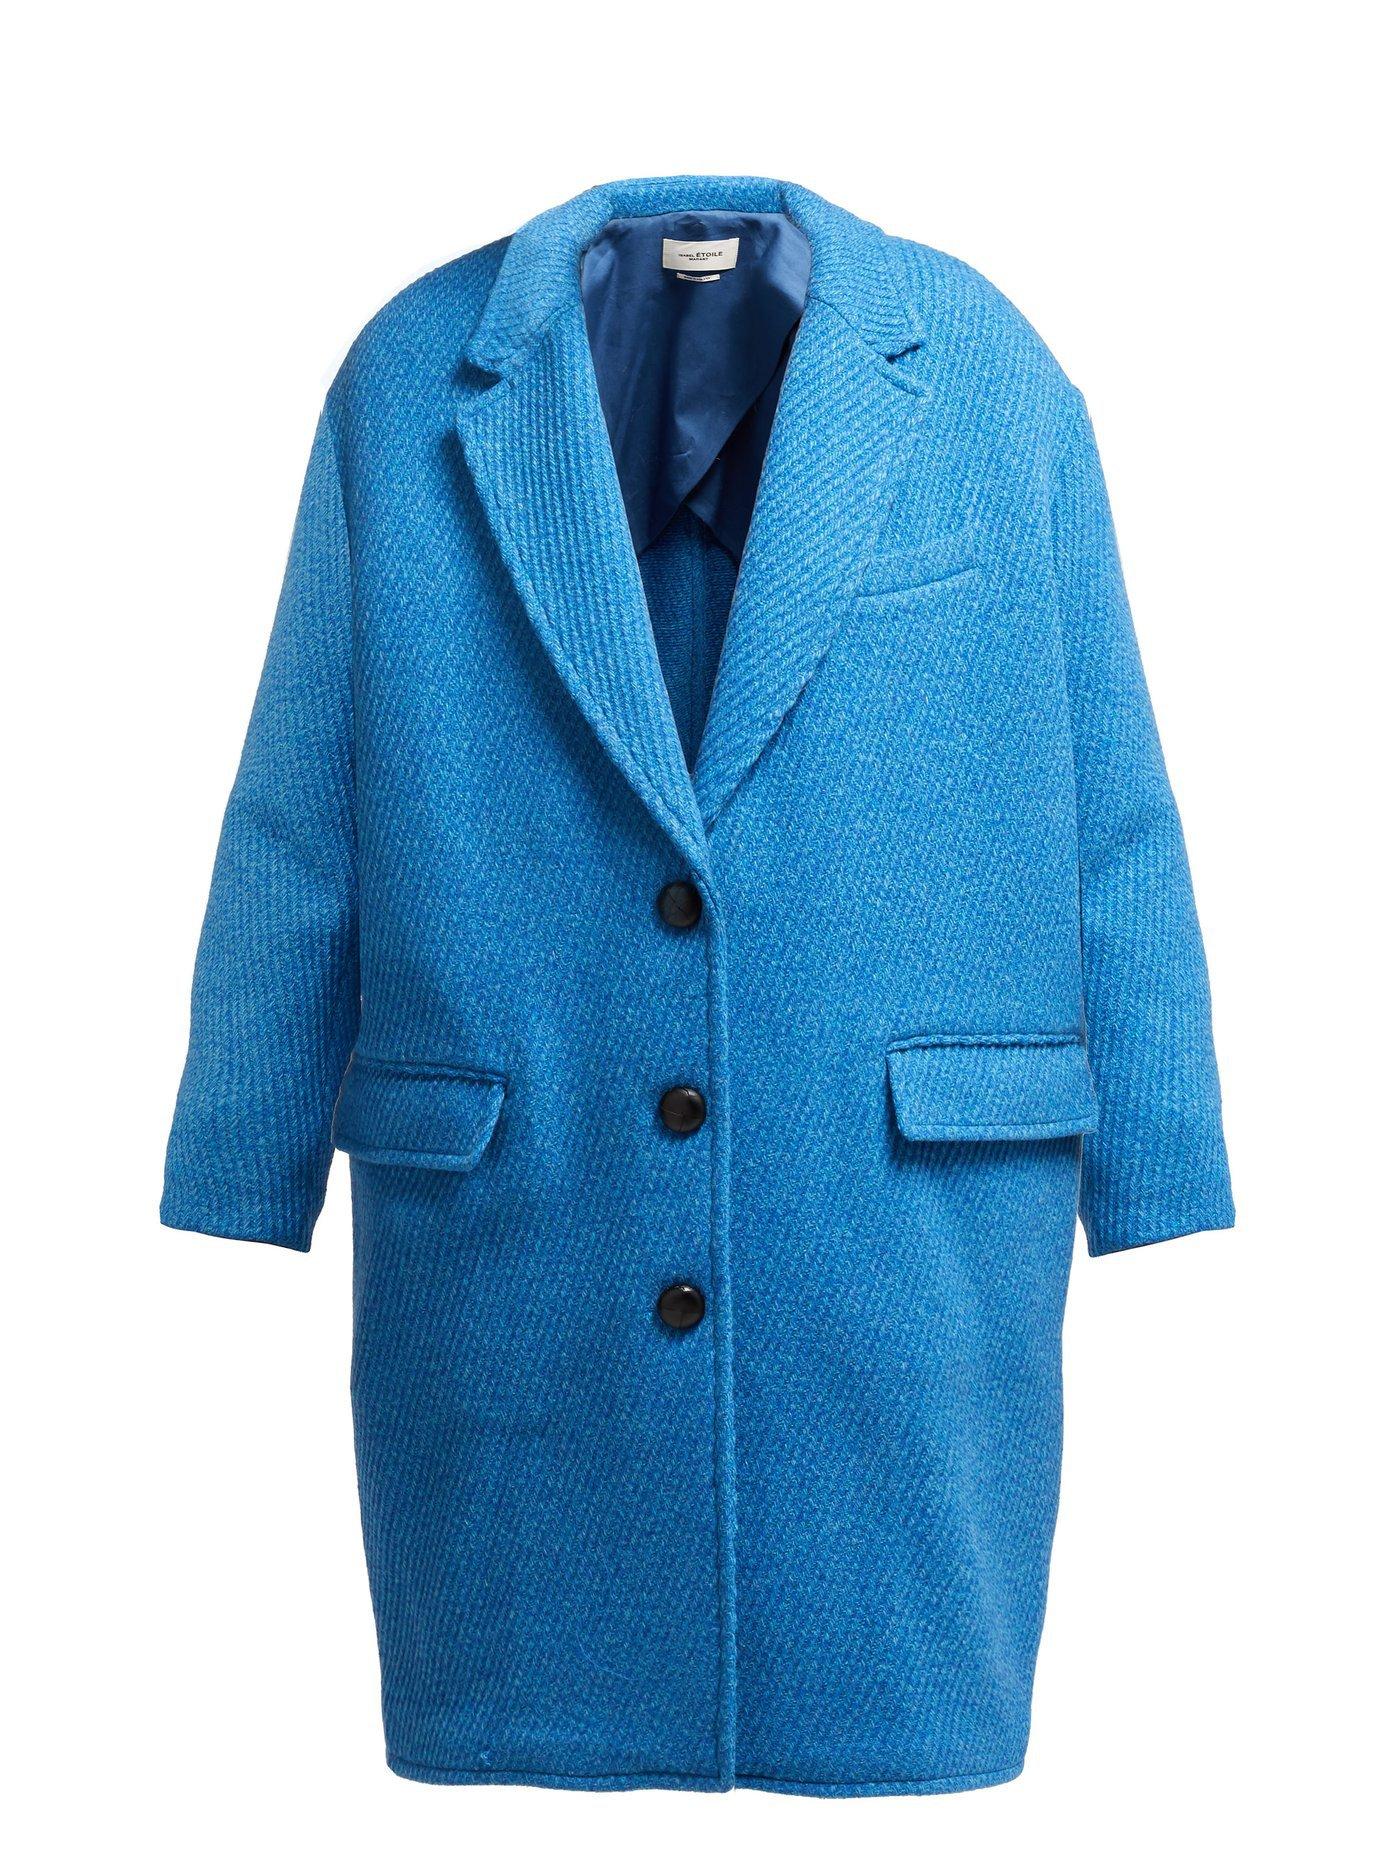 Gimi oversized wool-blend coat | Isabel Marant Étoile | MATCHESFASHION.COM